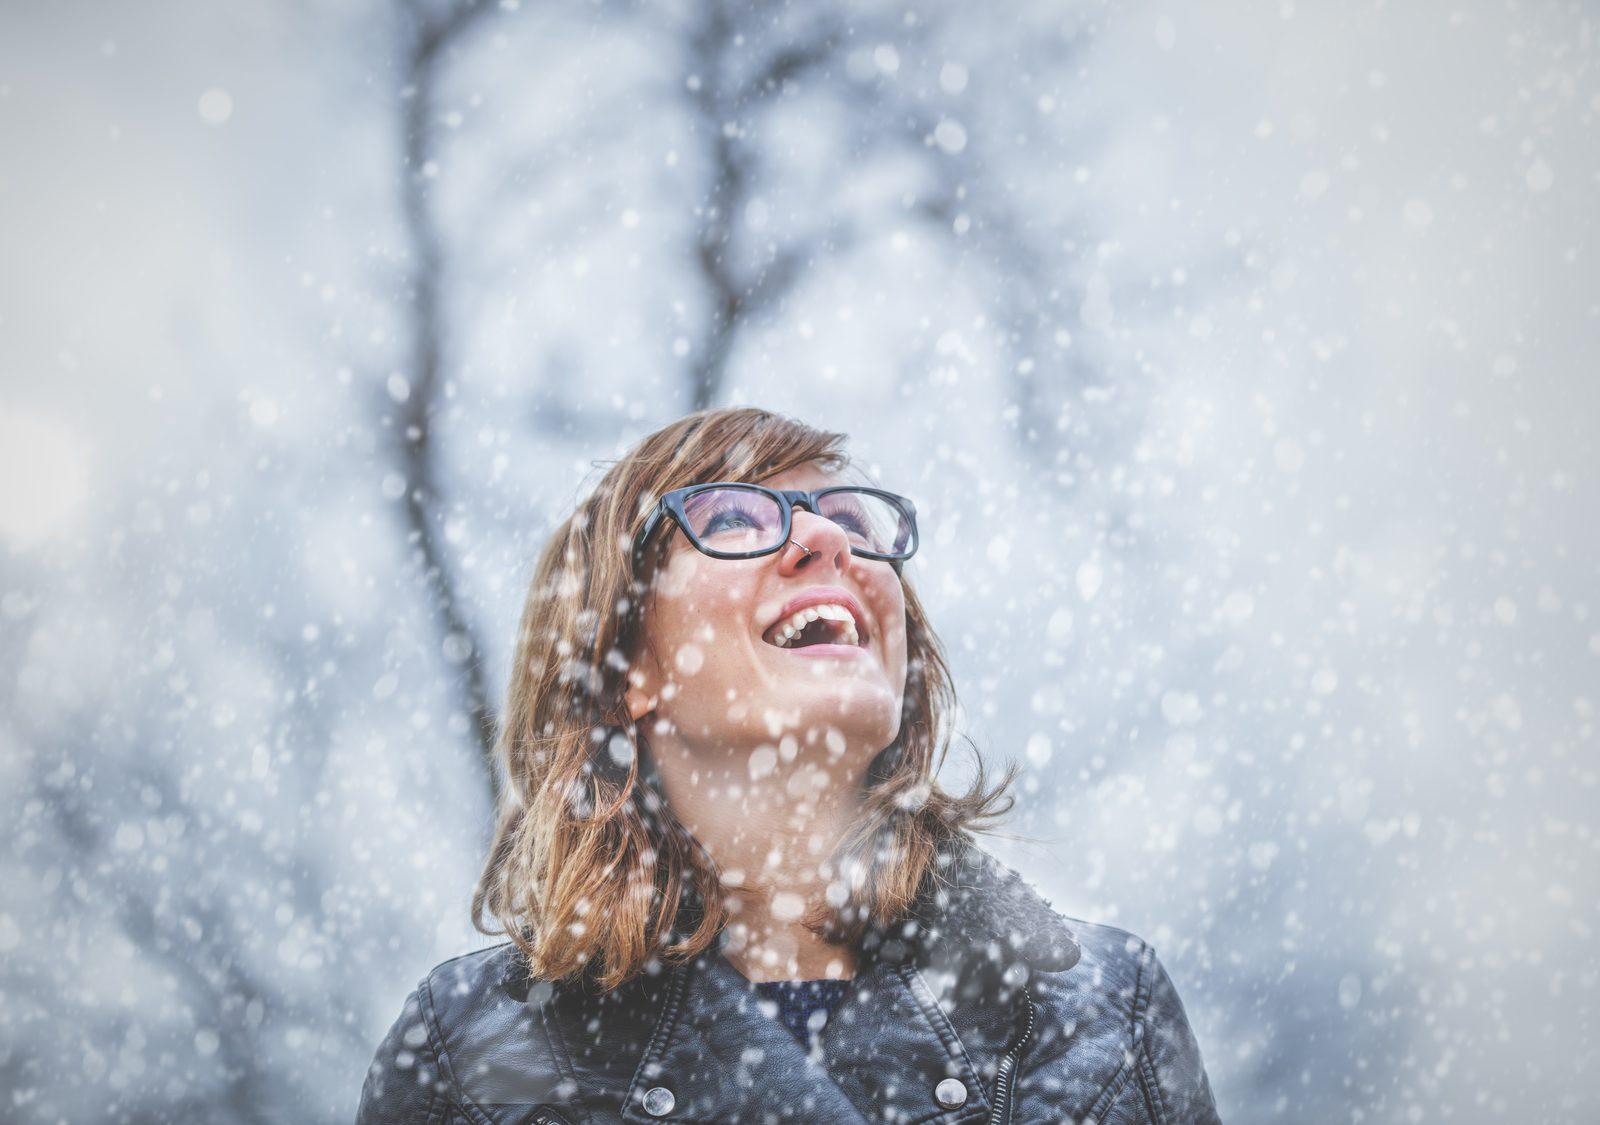 「体が冷える」生理中。この3つの対策を試してみて!